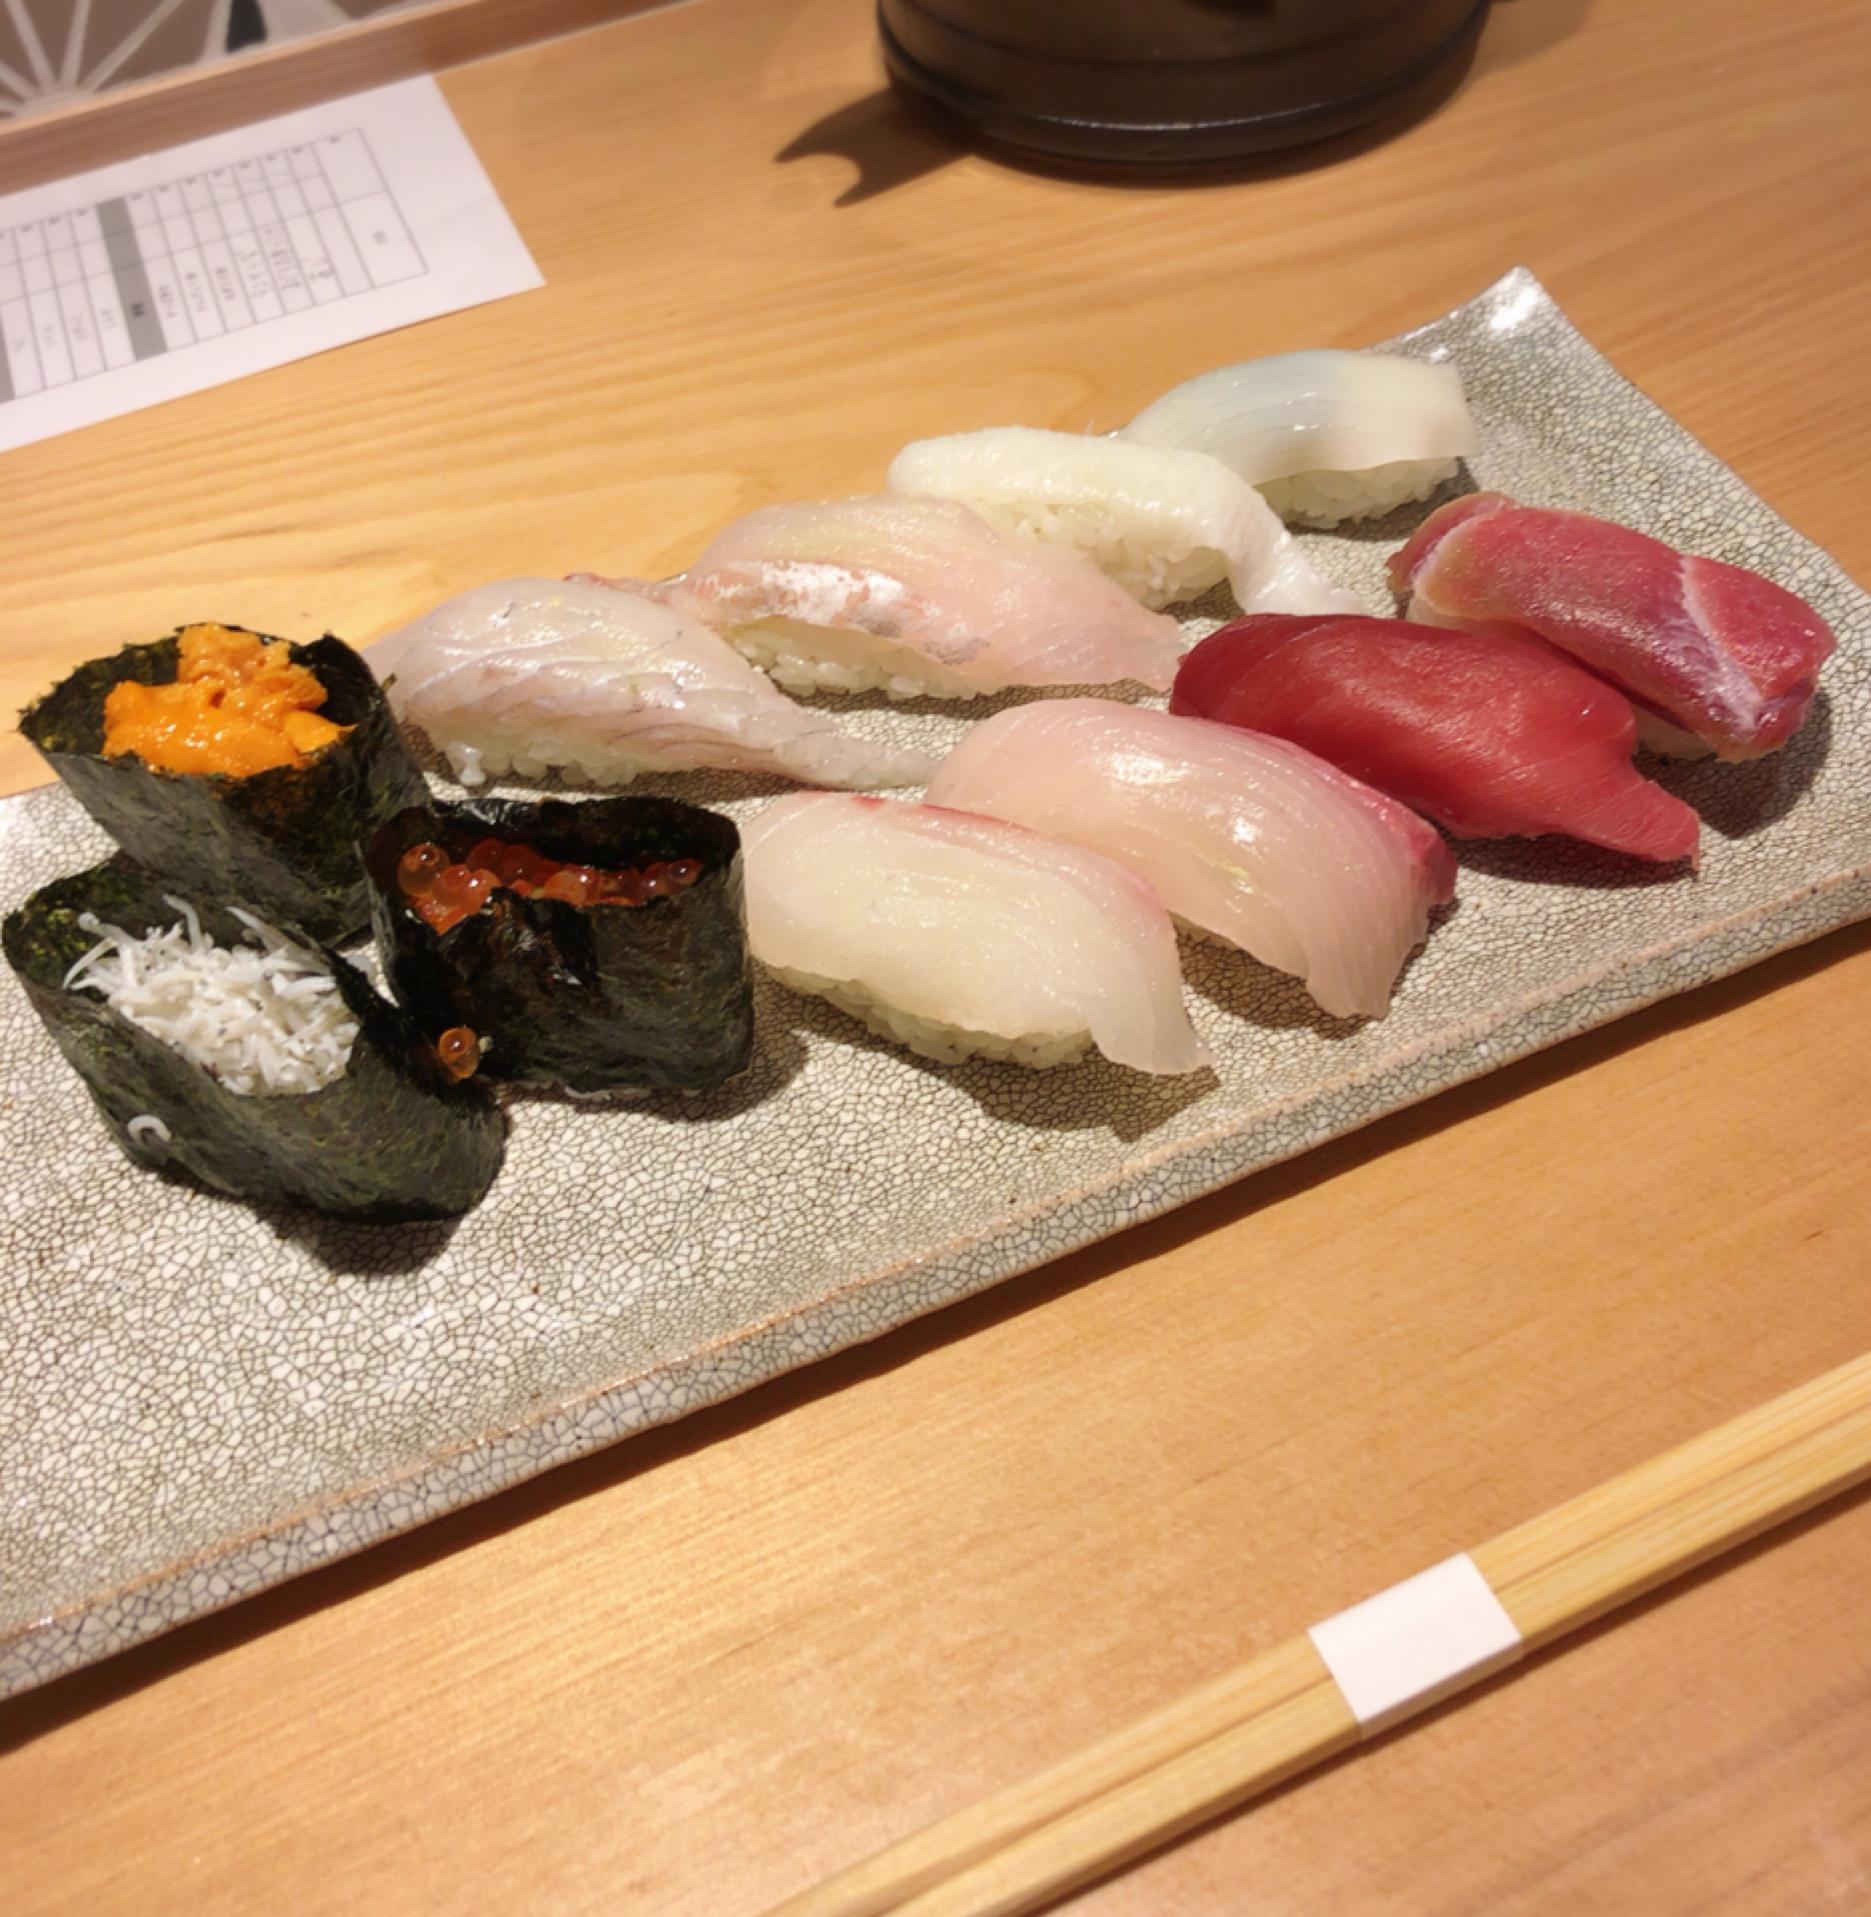 職人さんが握るおいしいお鮨を食べ放題でおなかいっぱい食べてきました!